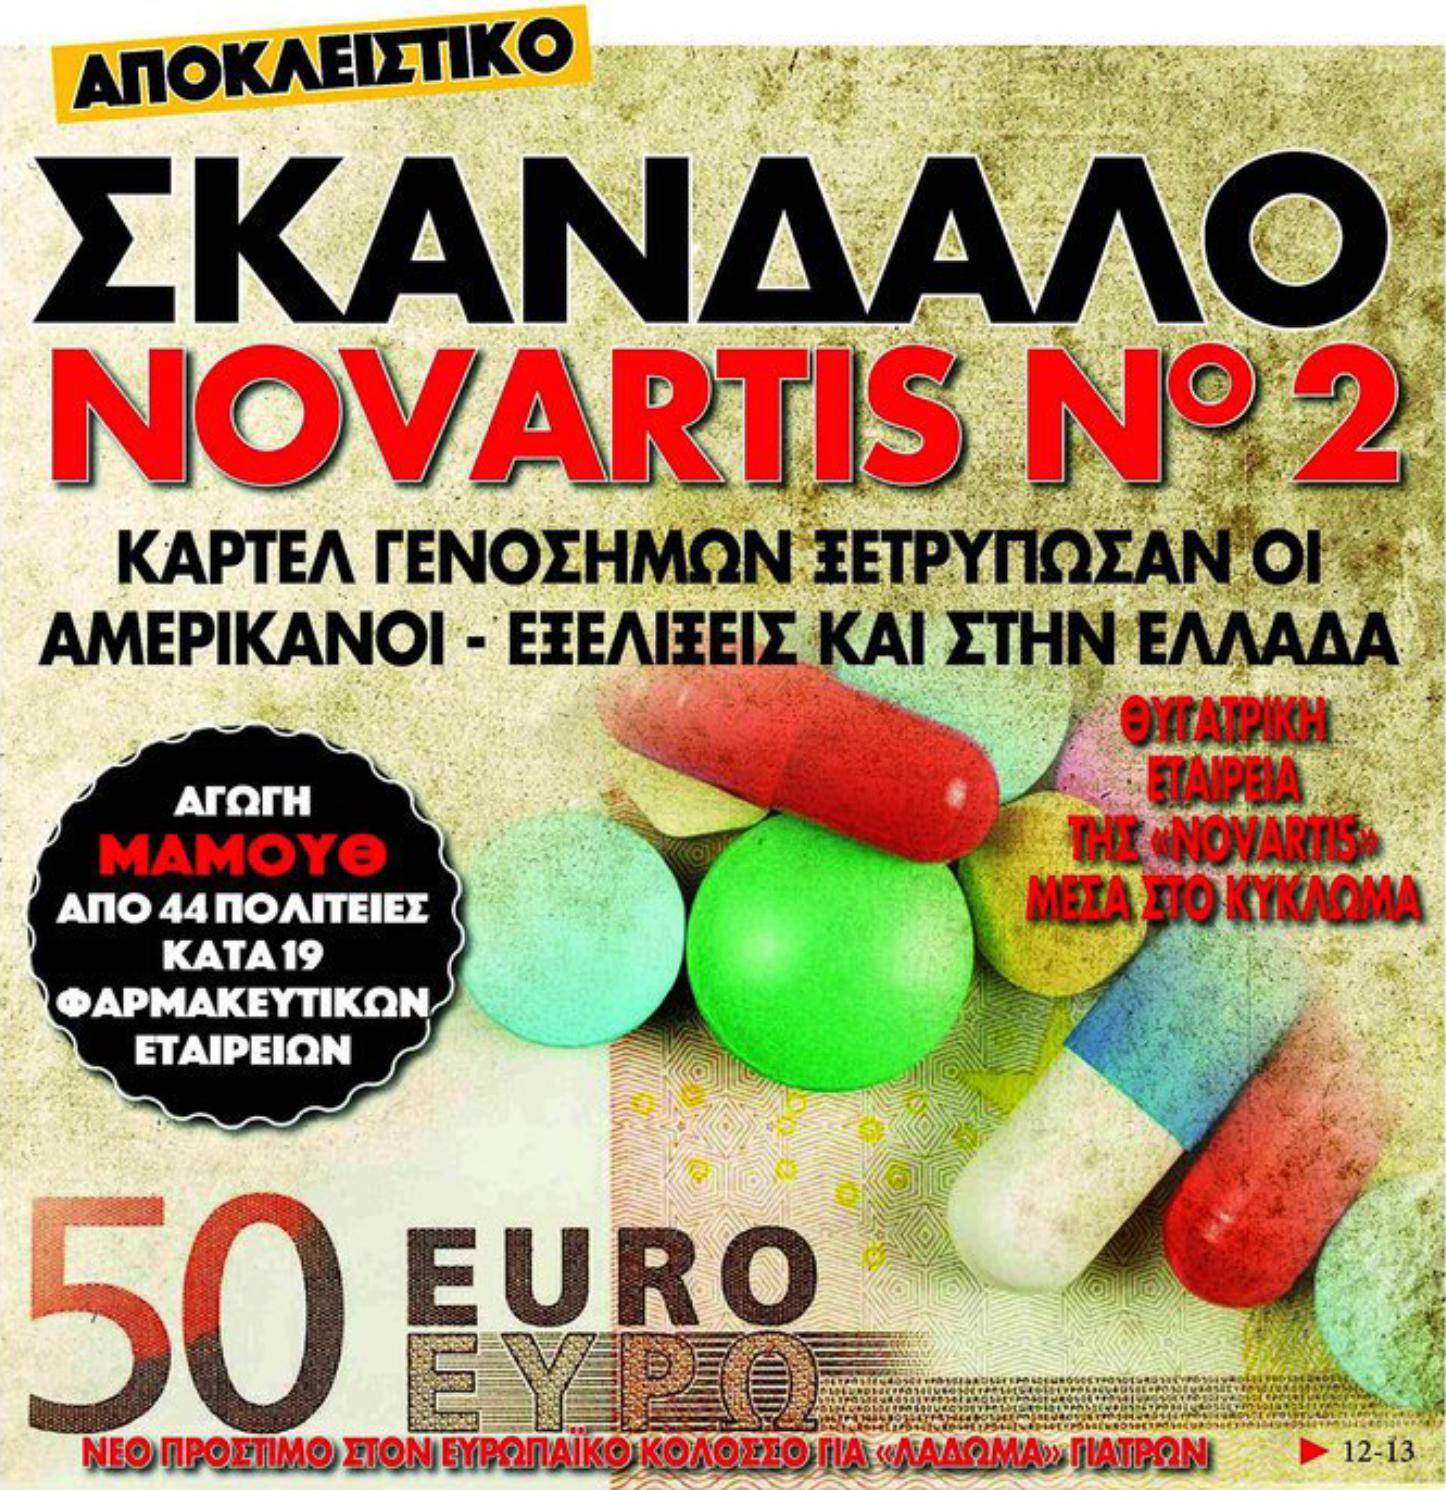 ΣΚΑΝΔΑΛΟ Novartis No. 2 με γενόσημα θυγατρικής –